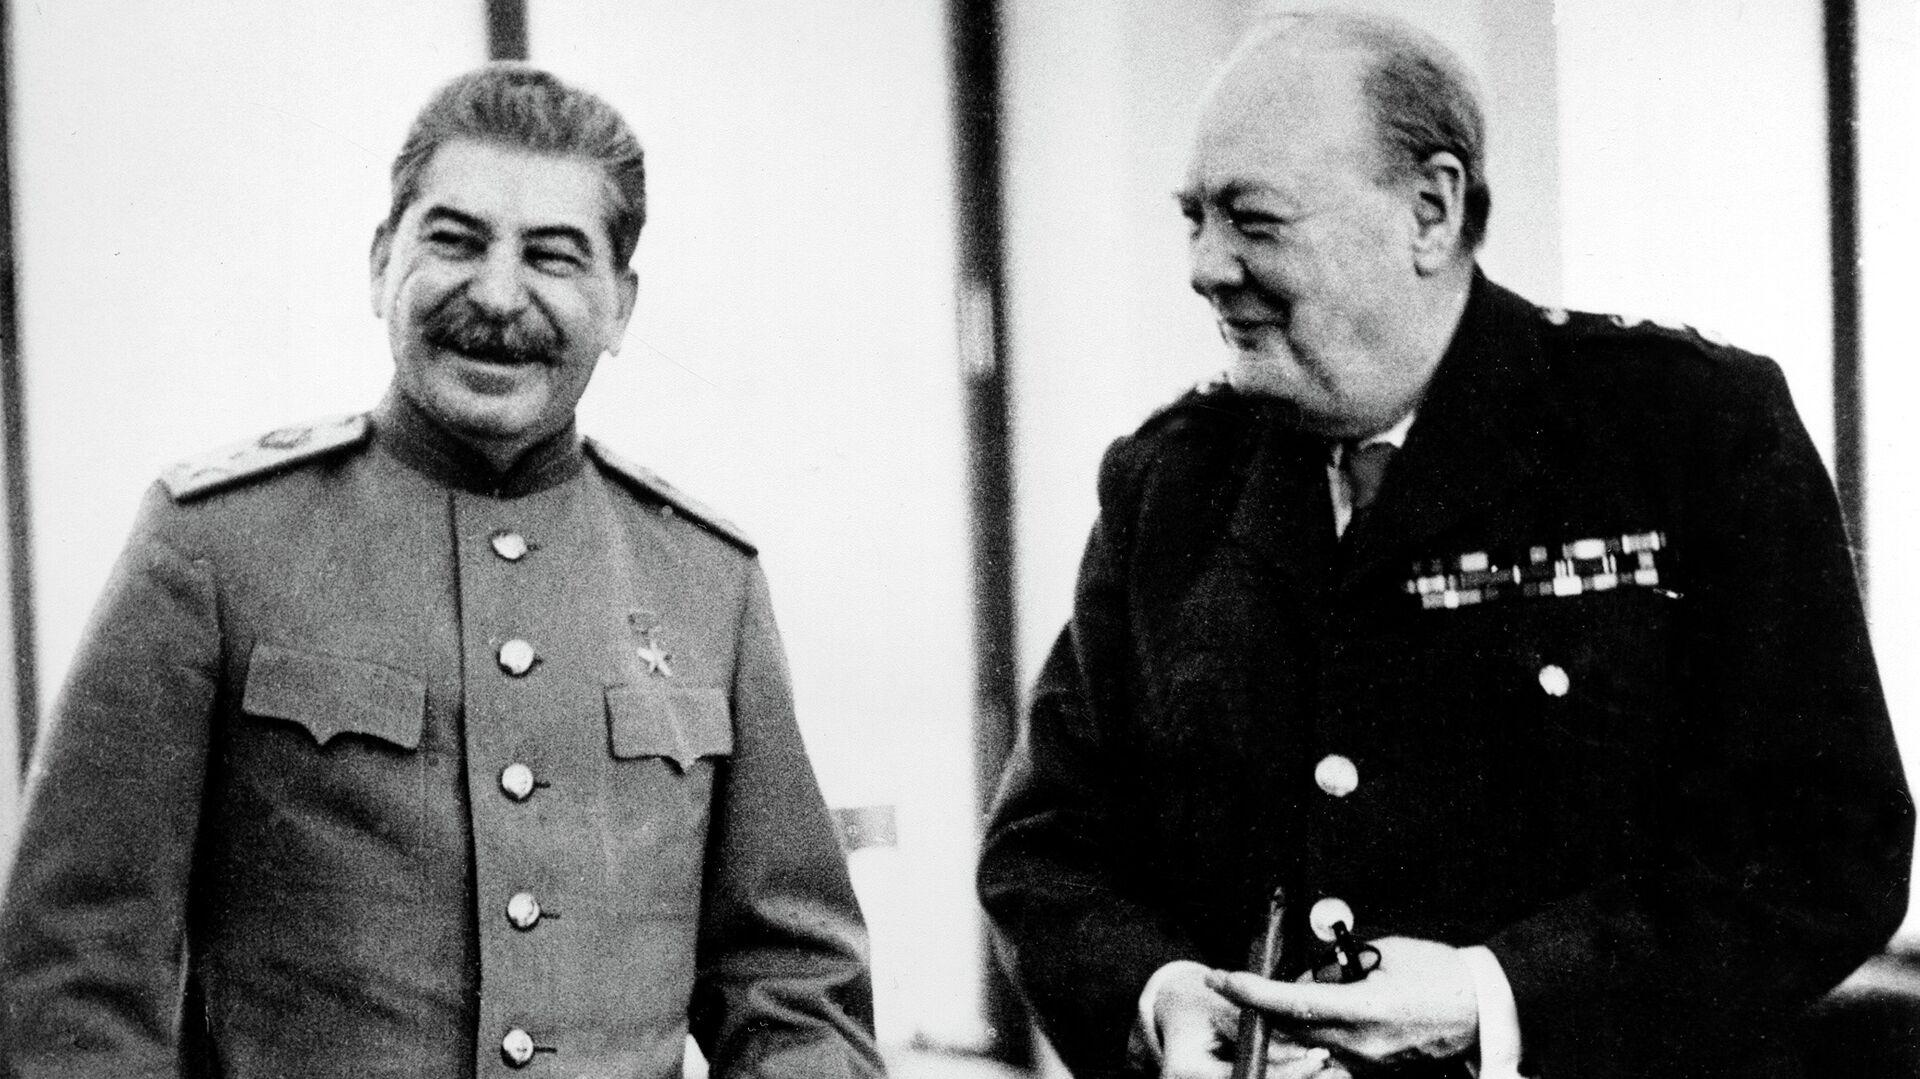 Маршал СССР Иосиф Виссарионович Сталин и премьер-министр Великобритании Уинстон Черчилль в Ливадийском дворце - РИА Новости, 1920, 25.05.2021